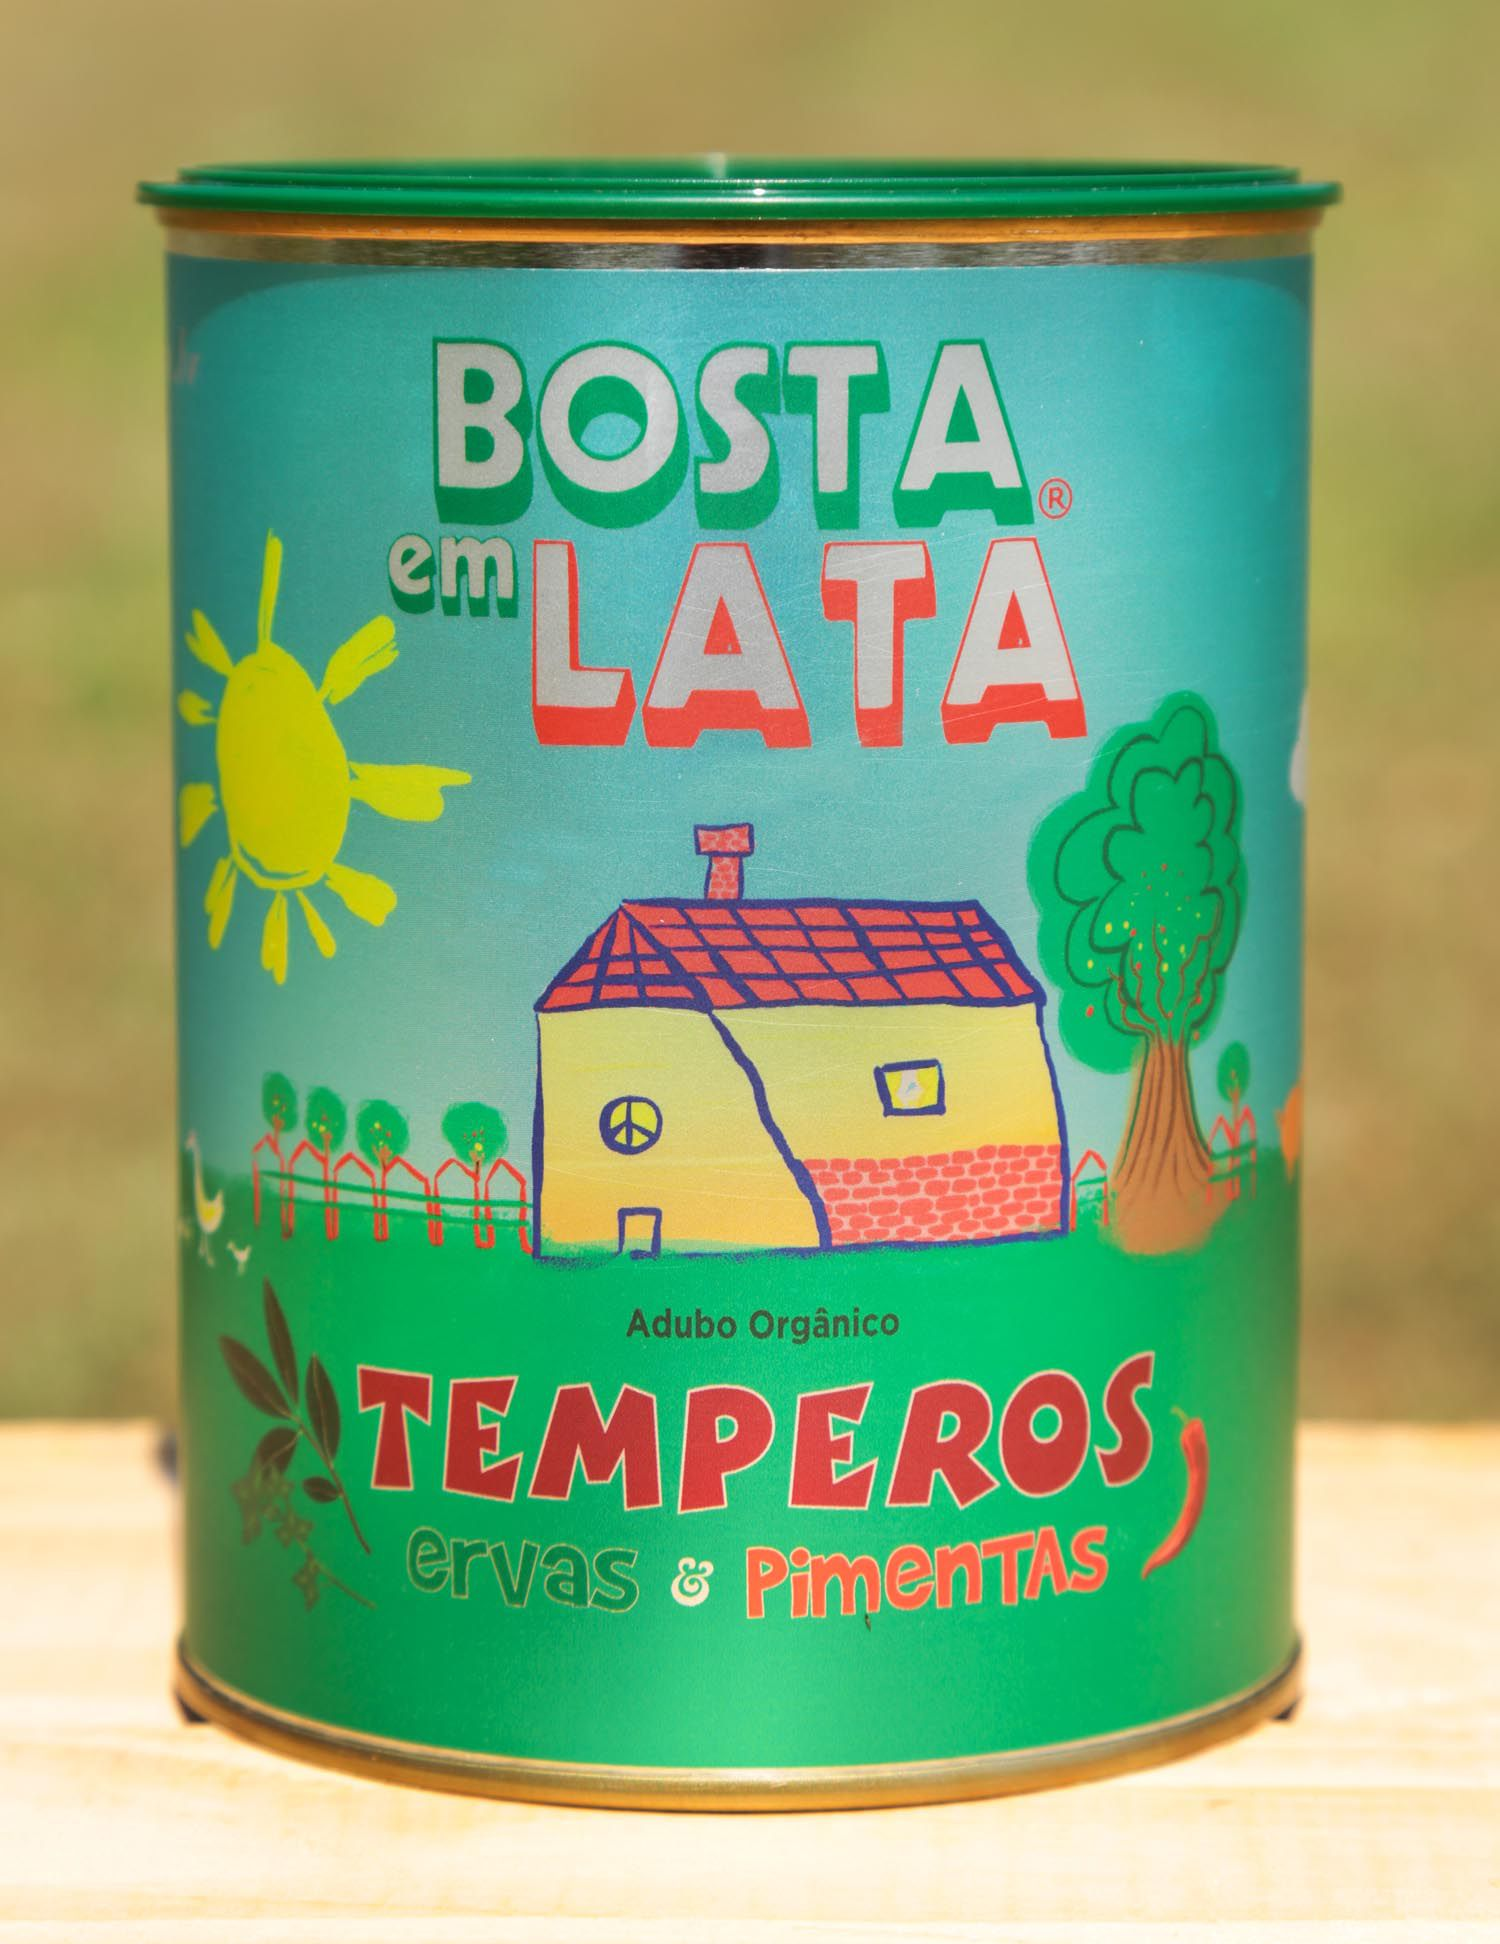 Adubo Orgânico Bosta em Lata para Temperos Ervas e Pimentas 500g